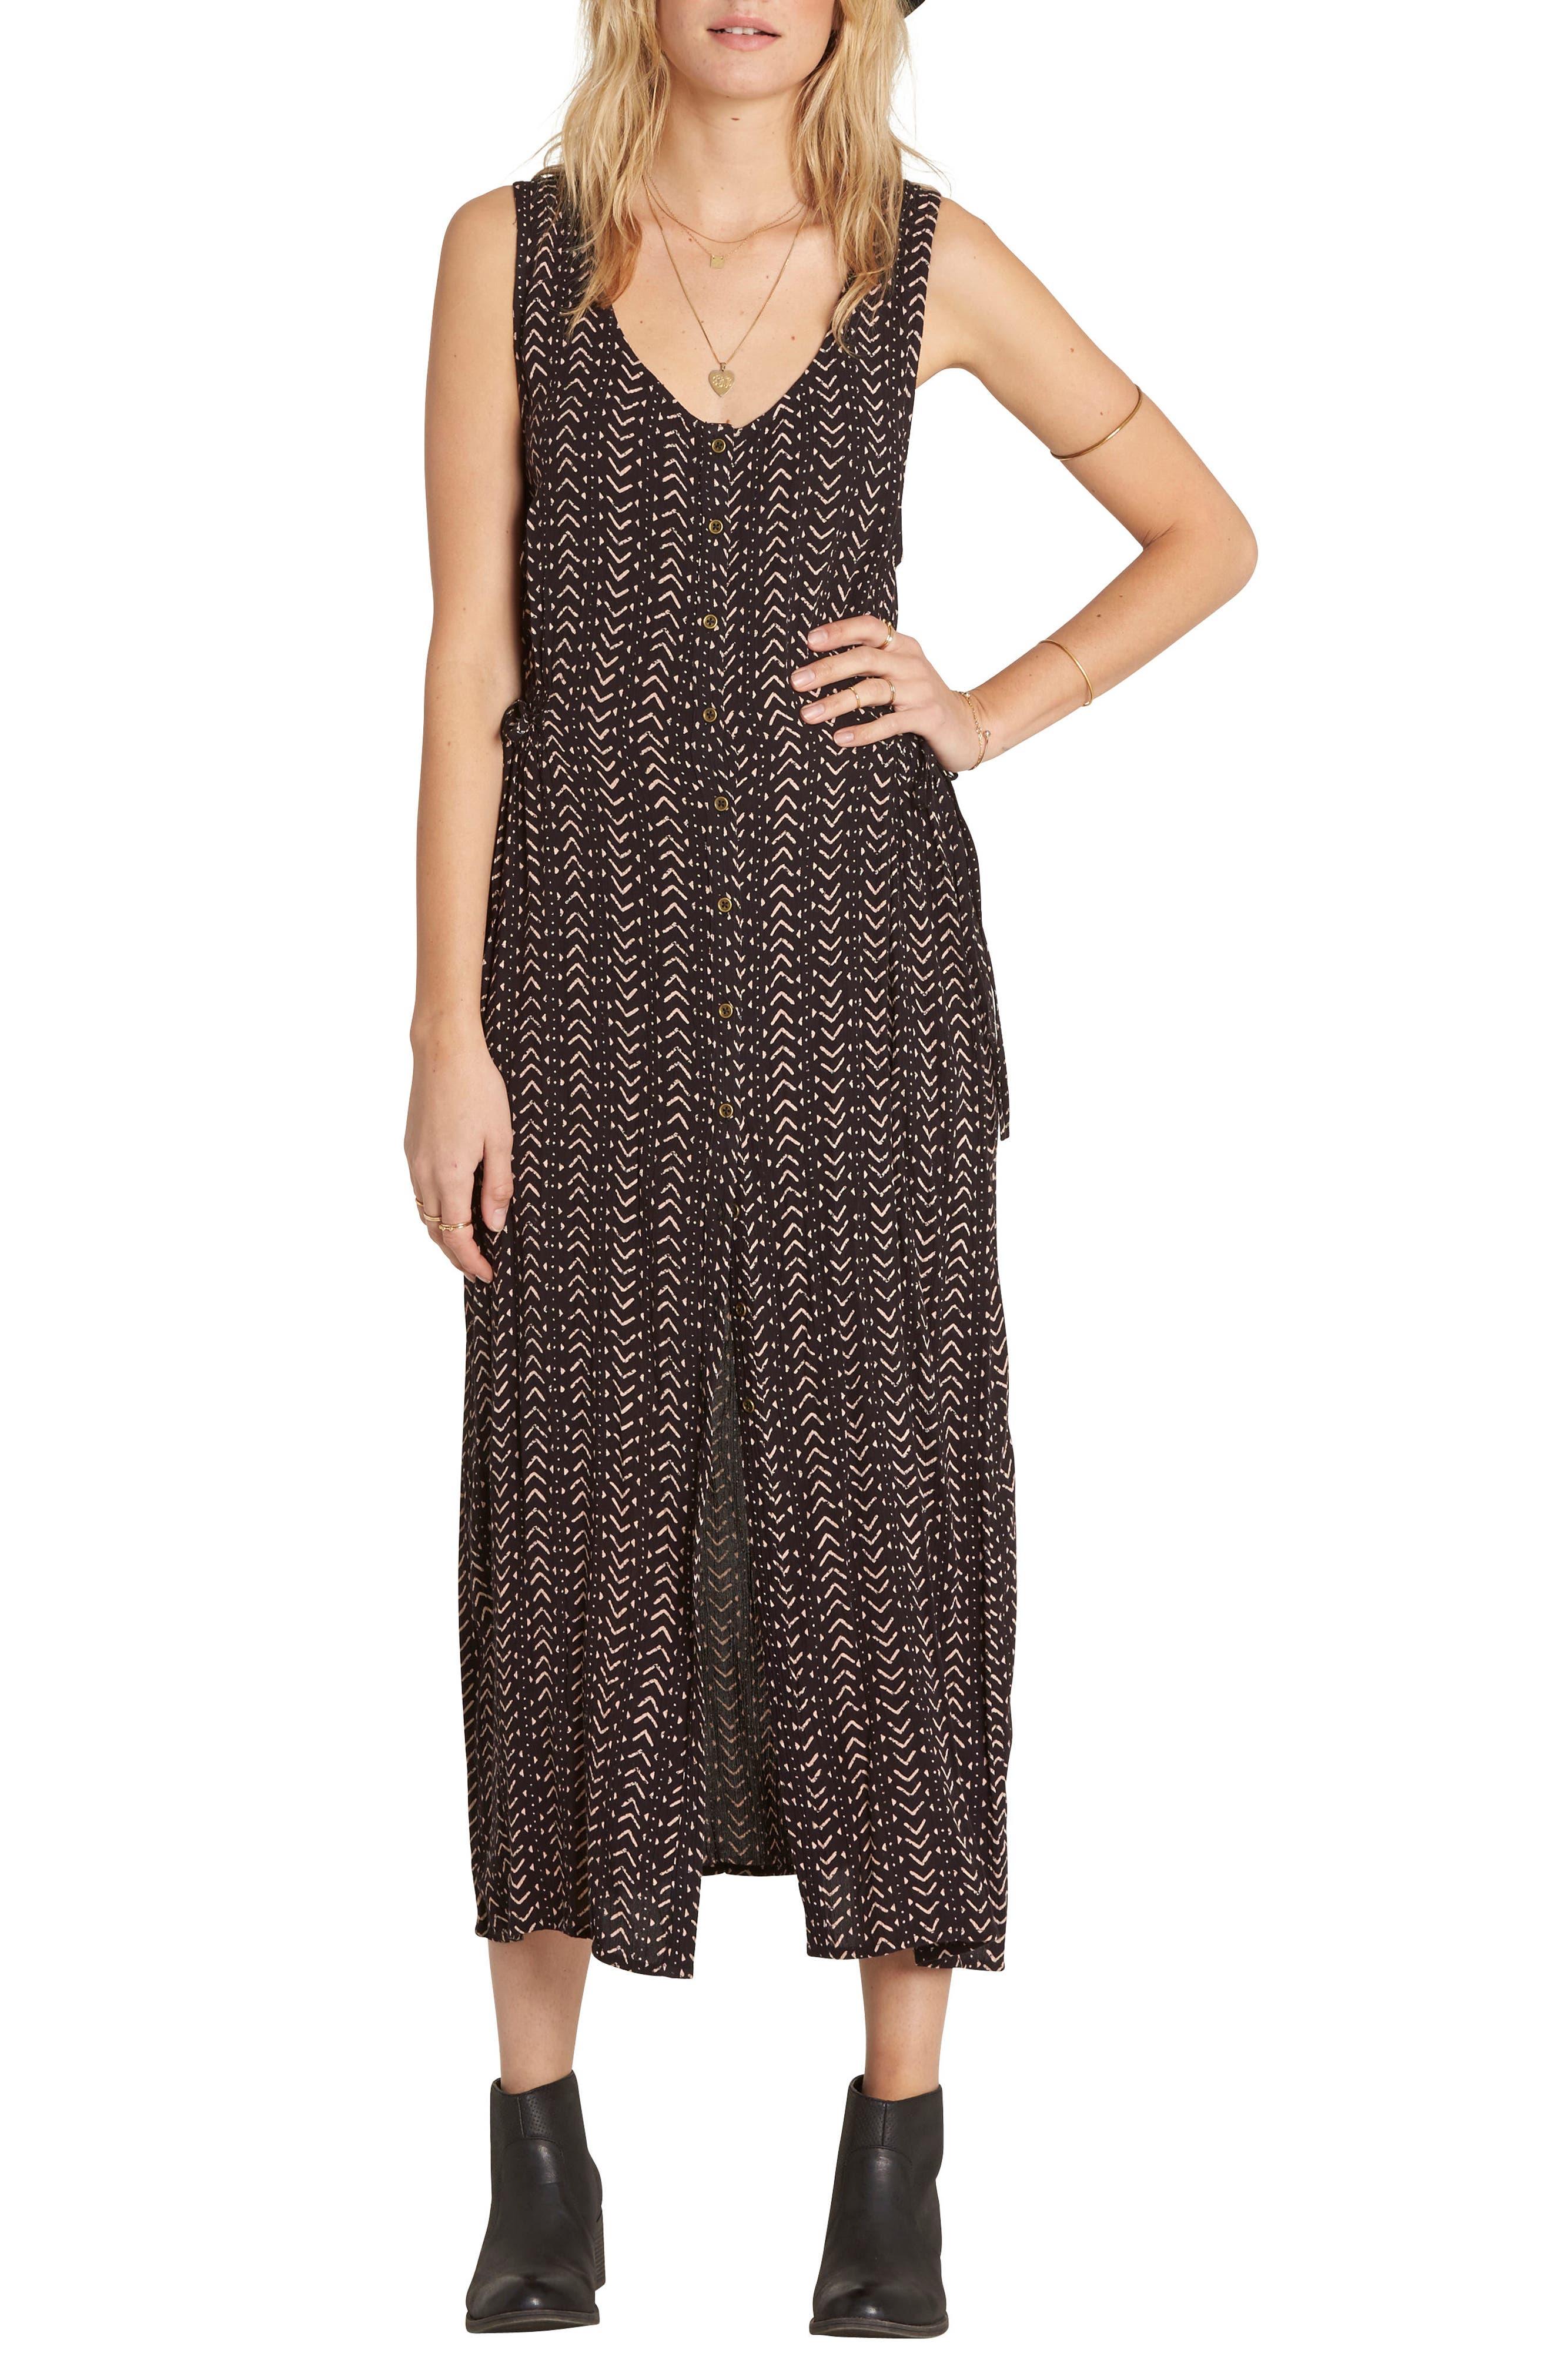 Alternate Image 1 Selected - Billabong Desert Dreams Print Midi Dress